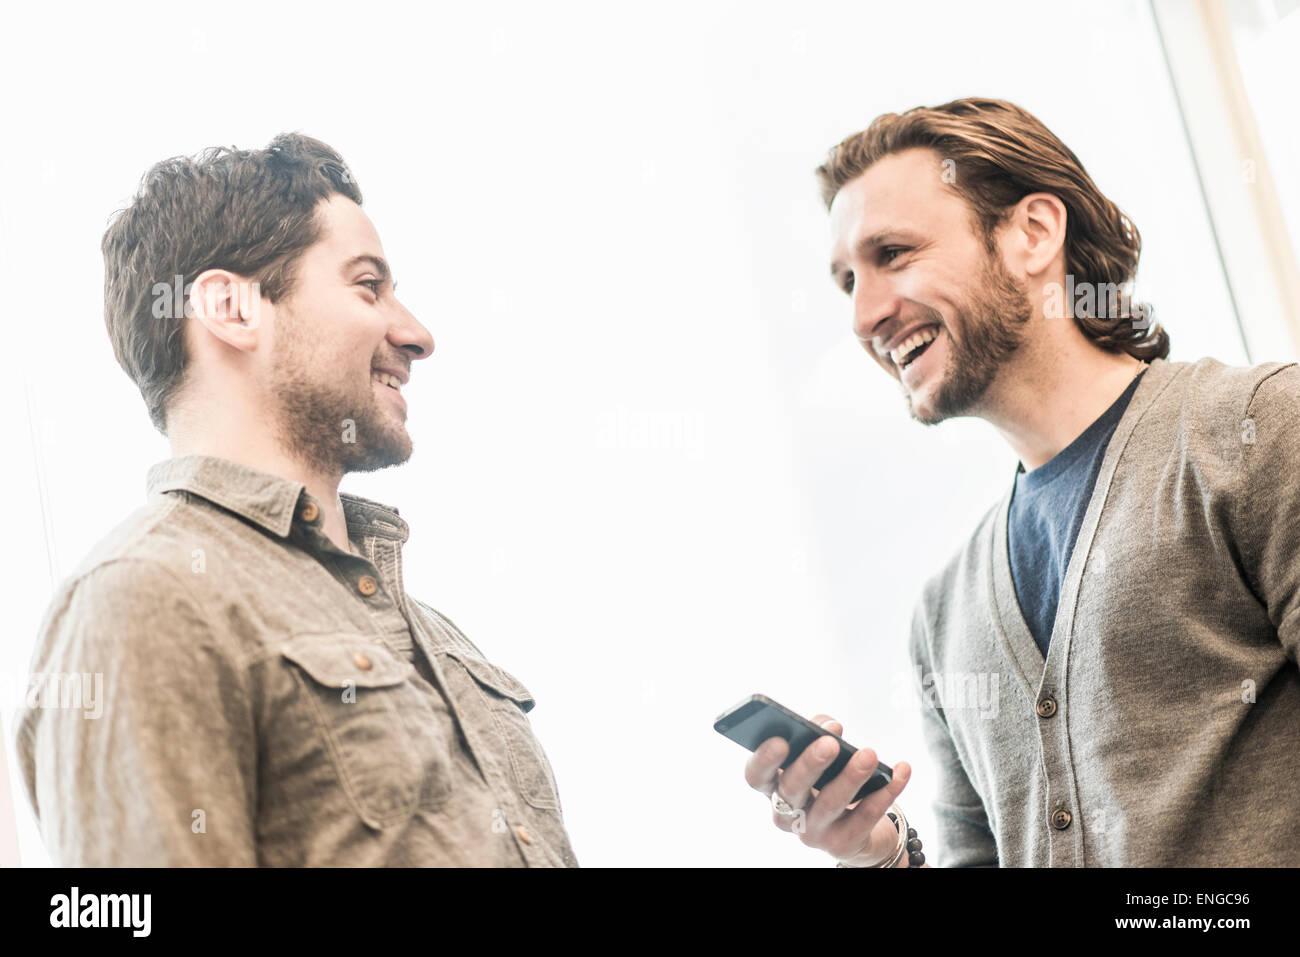 Deux hommes souriant, l'un tenant un téléphone intelligent. Photo Stock